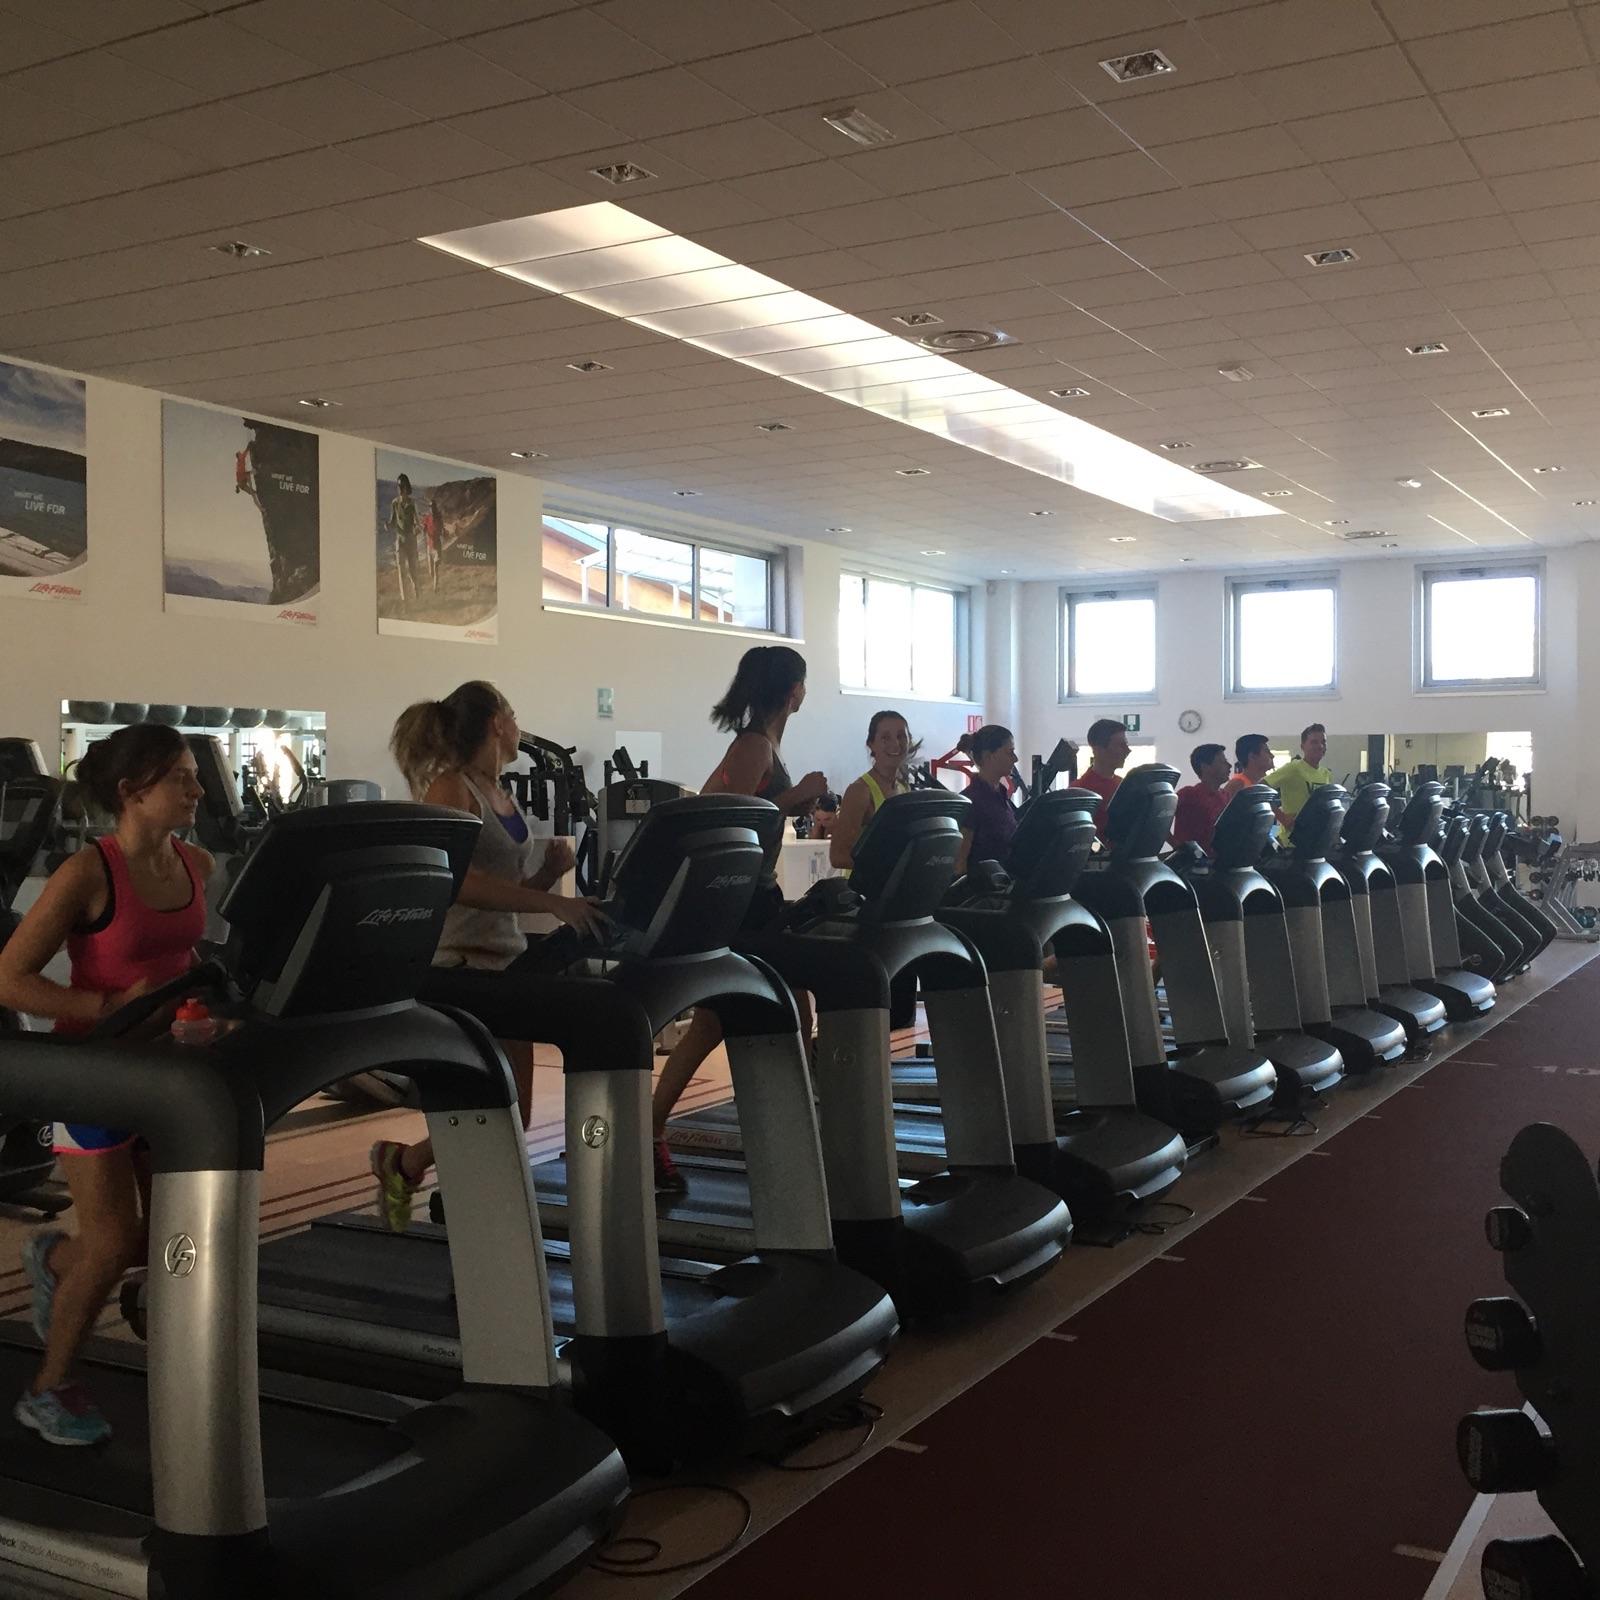 Atlete impegnate nella preparazione atletica